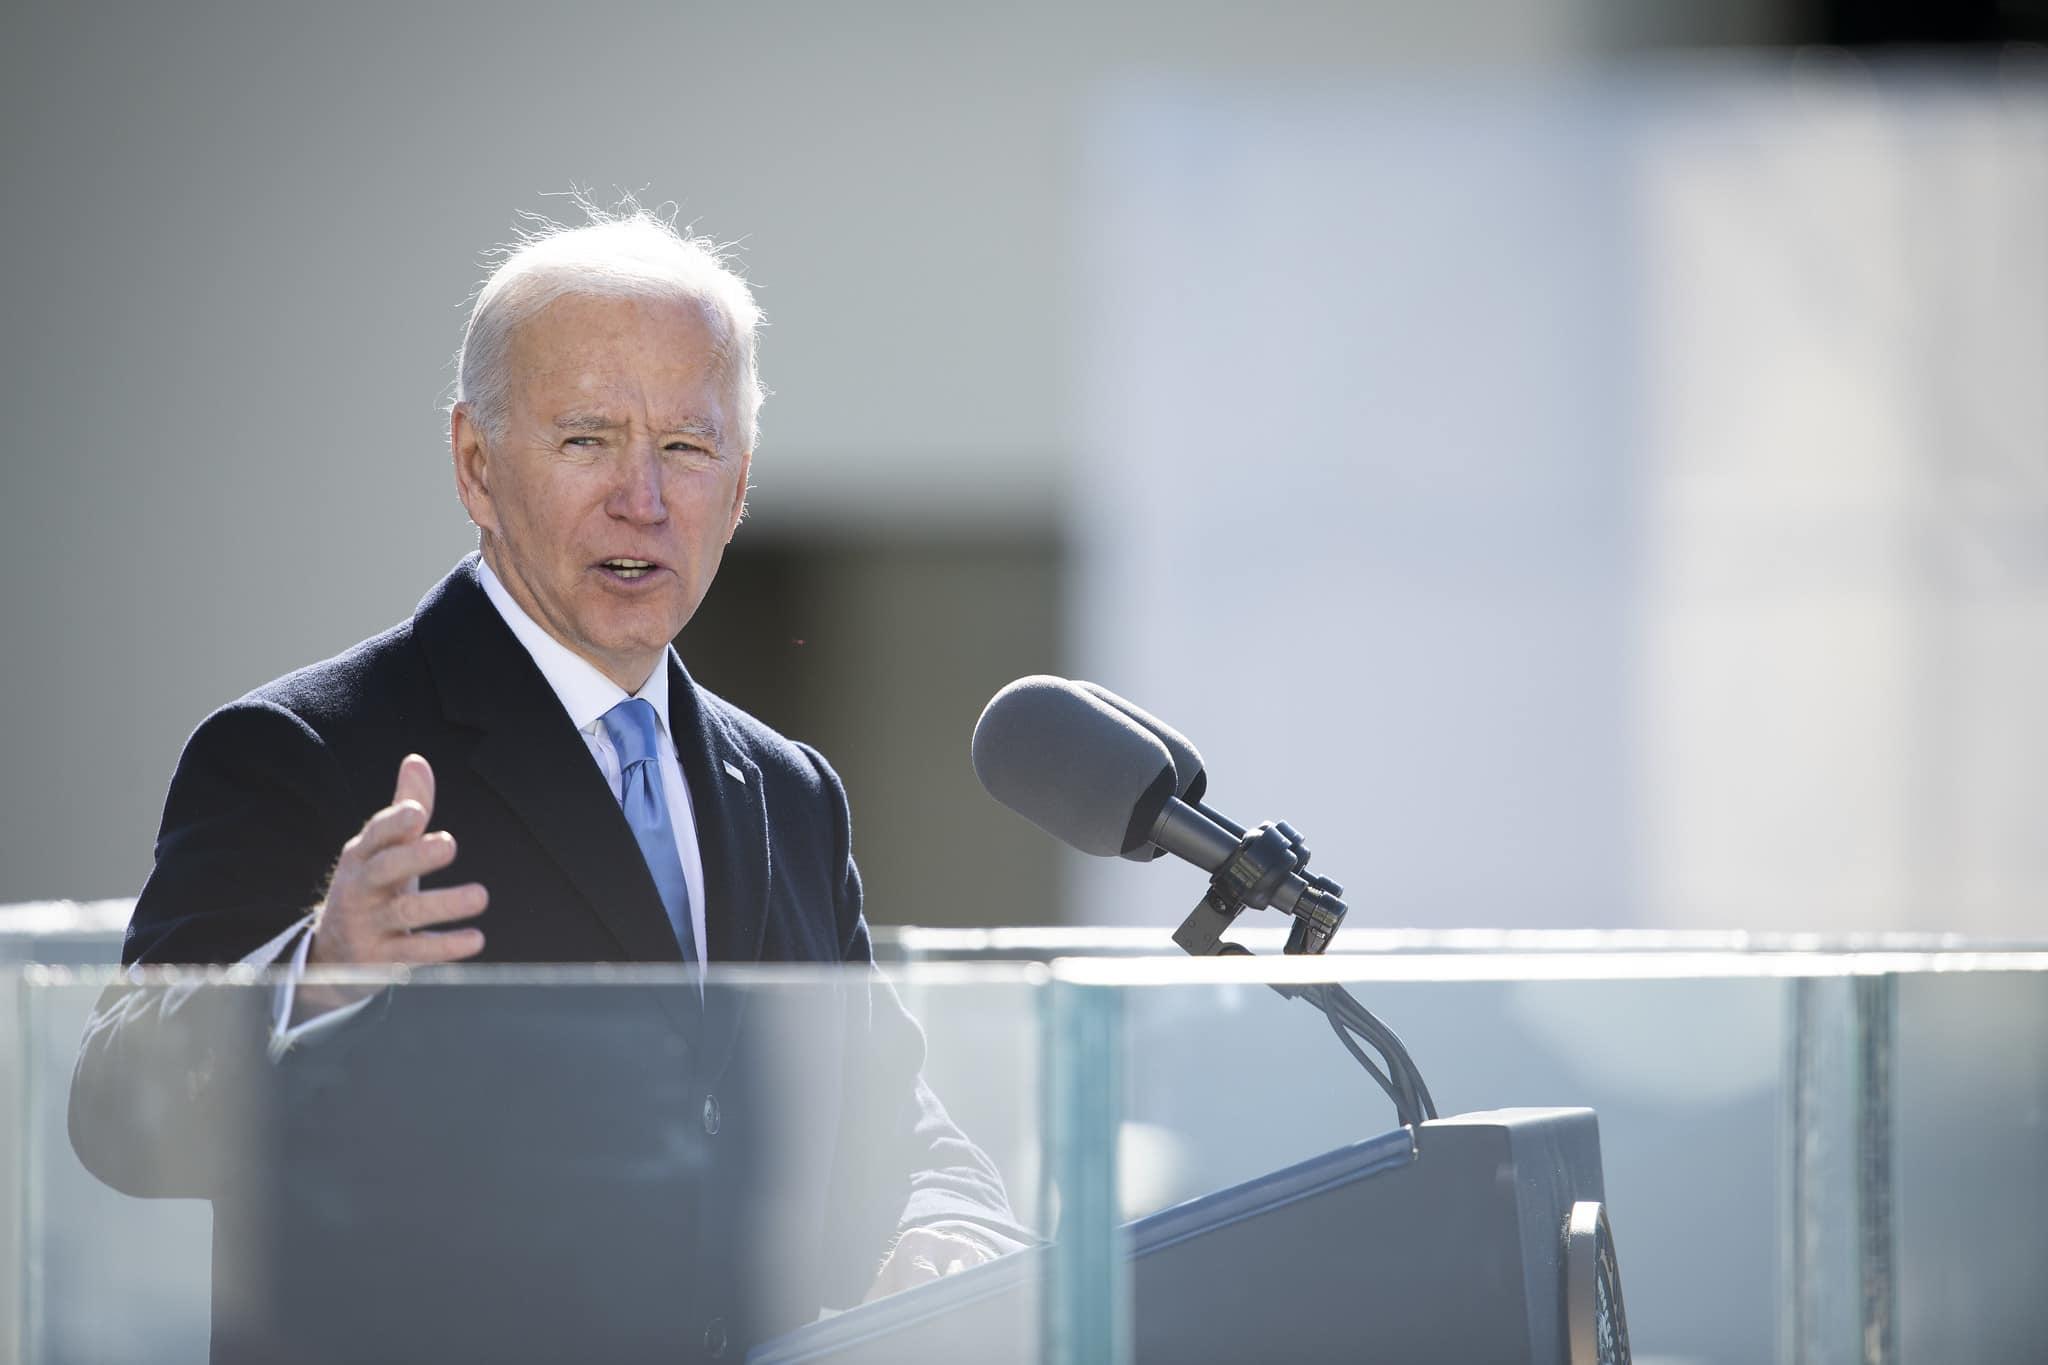 Joe Biden, Presidente dos Estados Unidos (Carlos M. Vazquez/Marinha dos EUA)